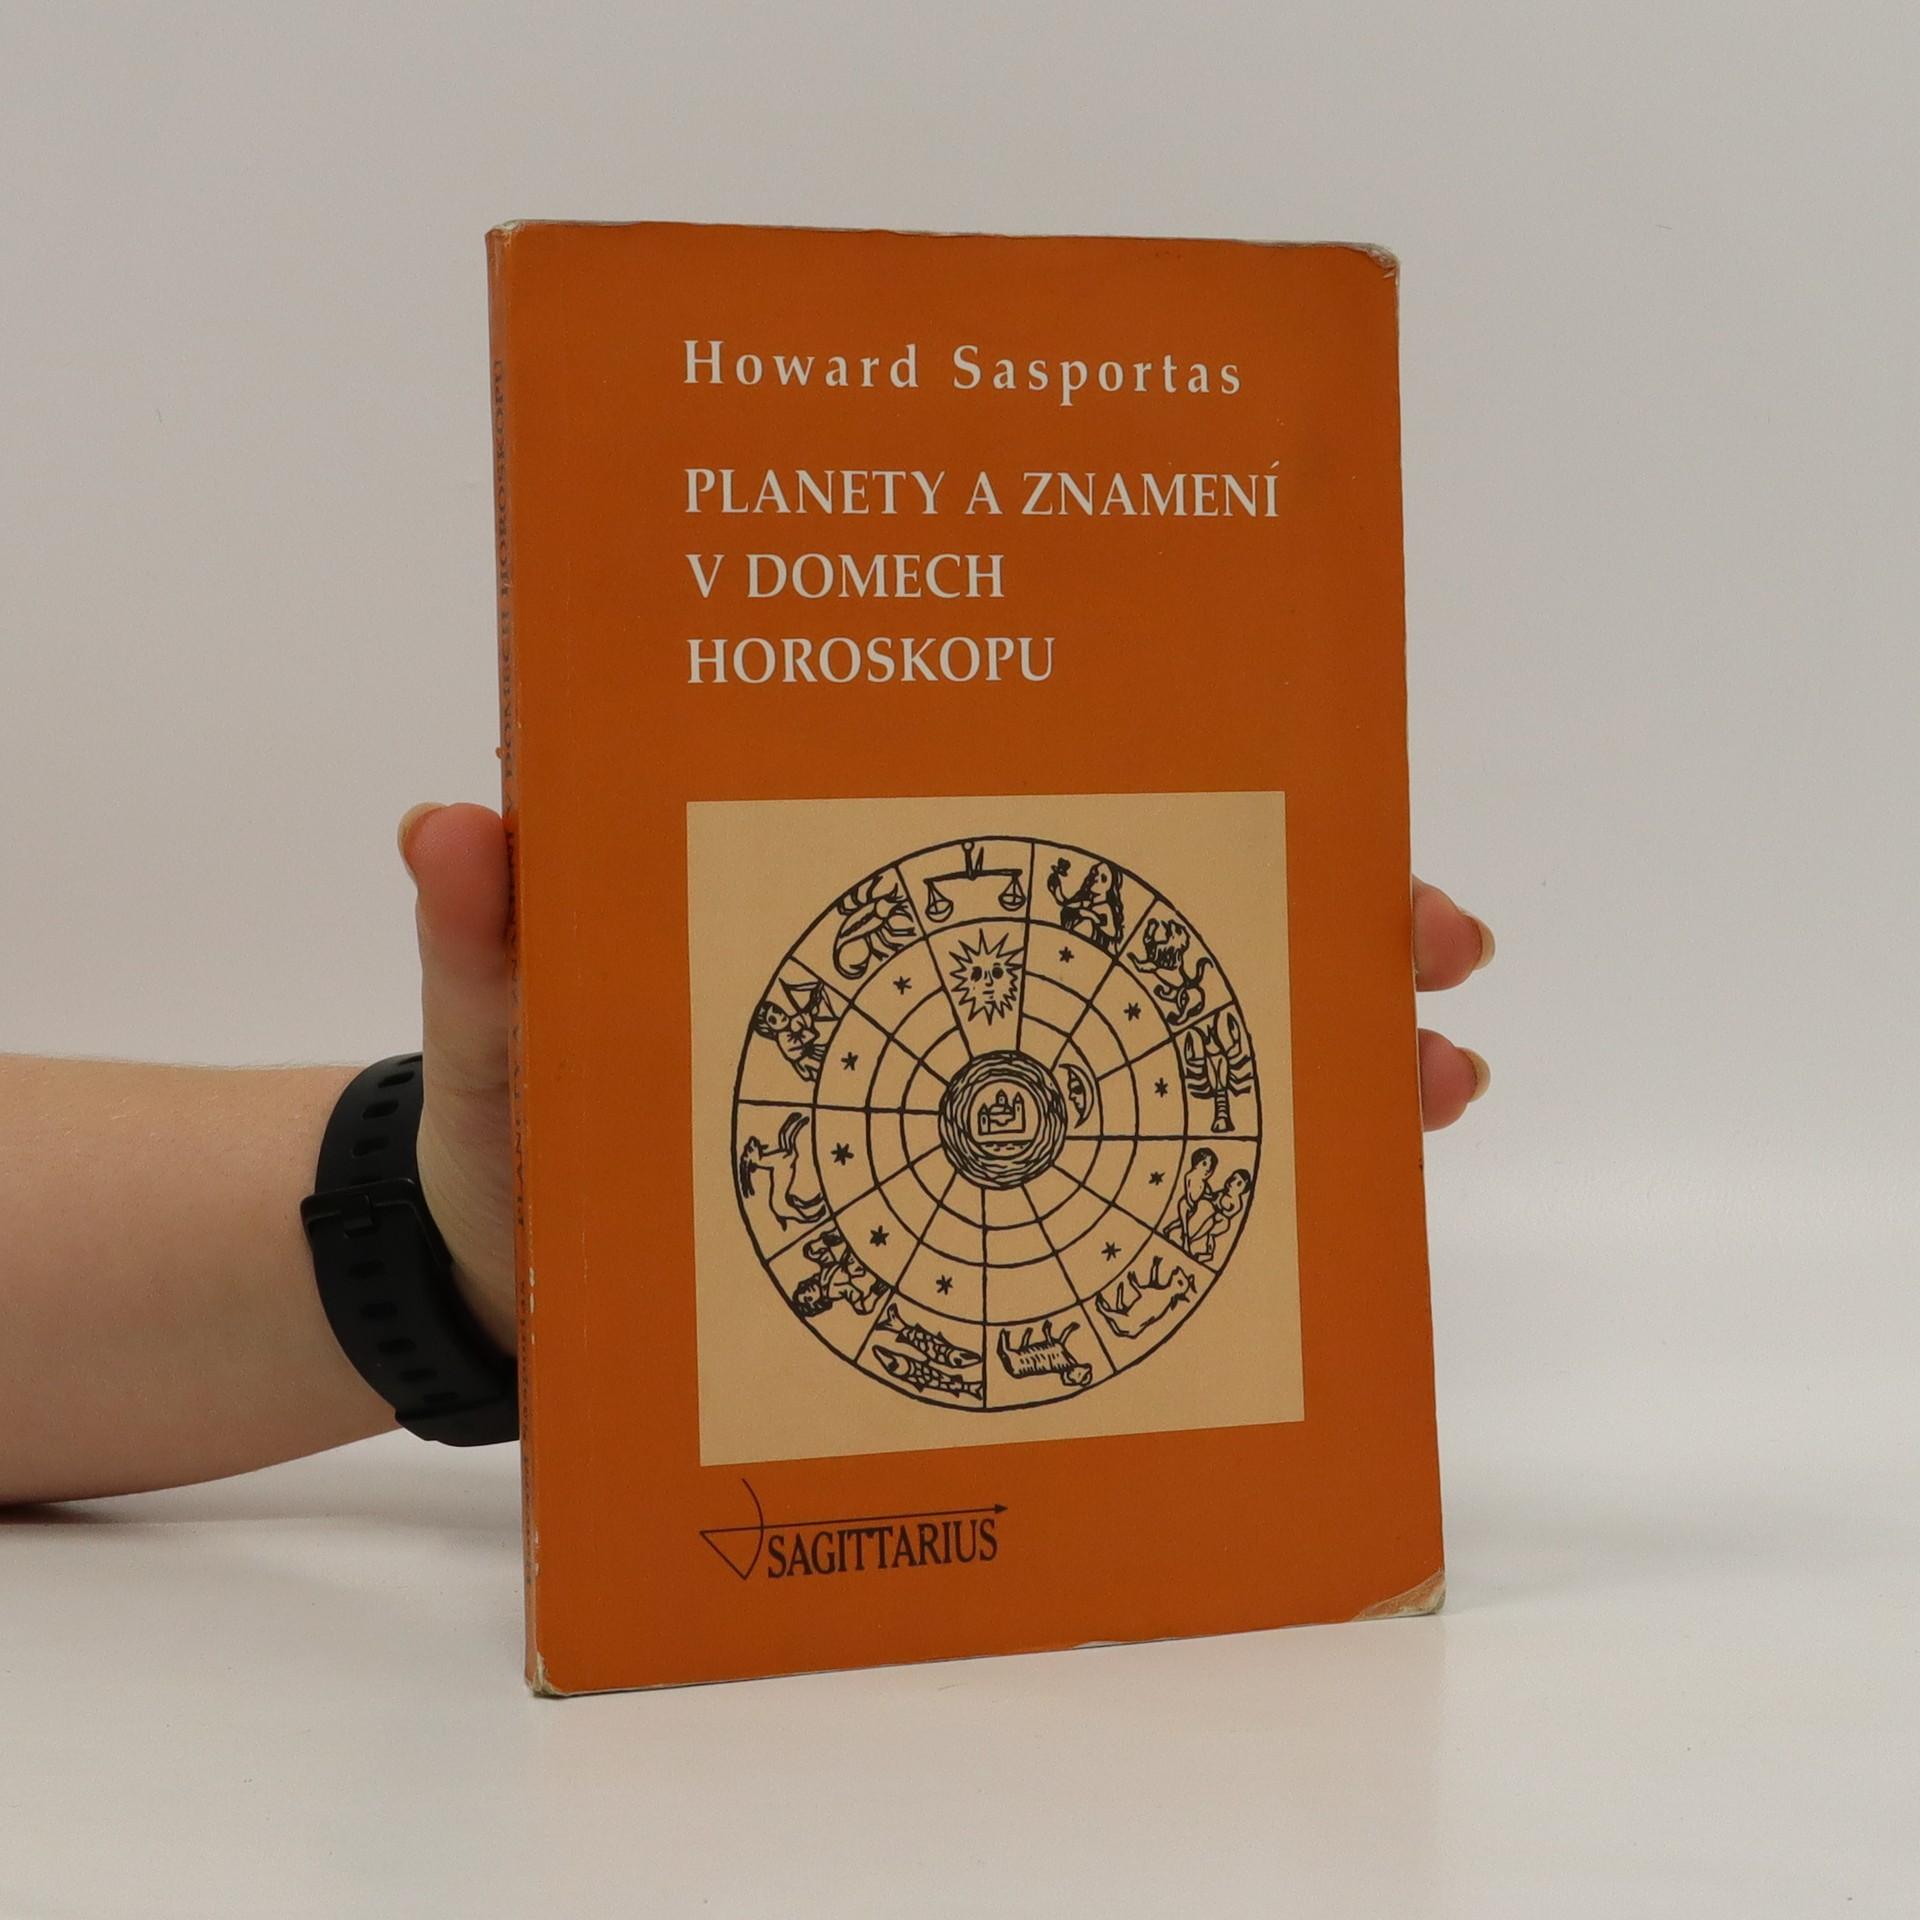 antikvární kniha Planety a znamení v domech horoskopu, 1998